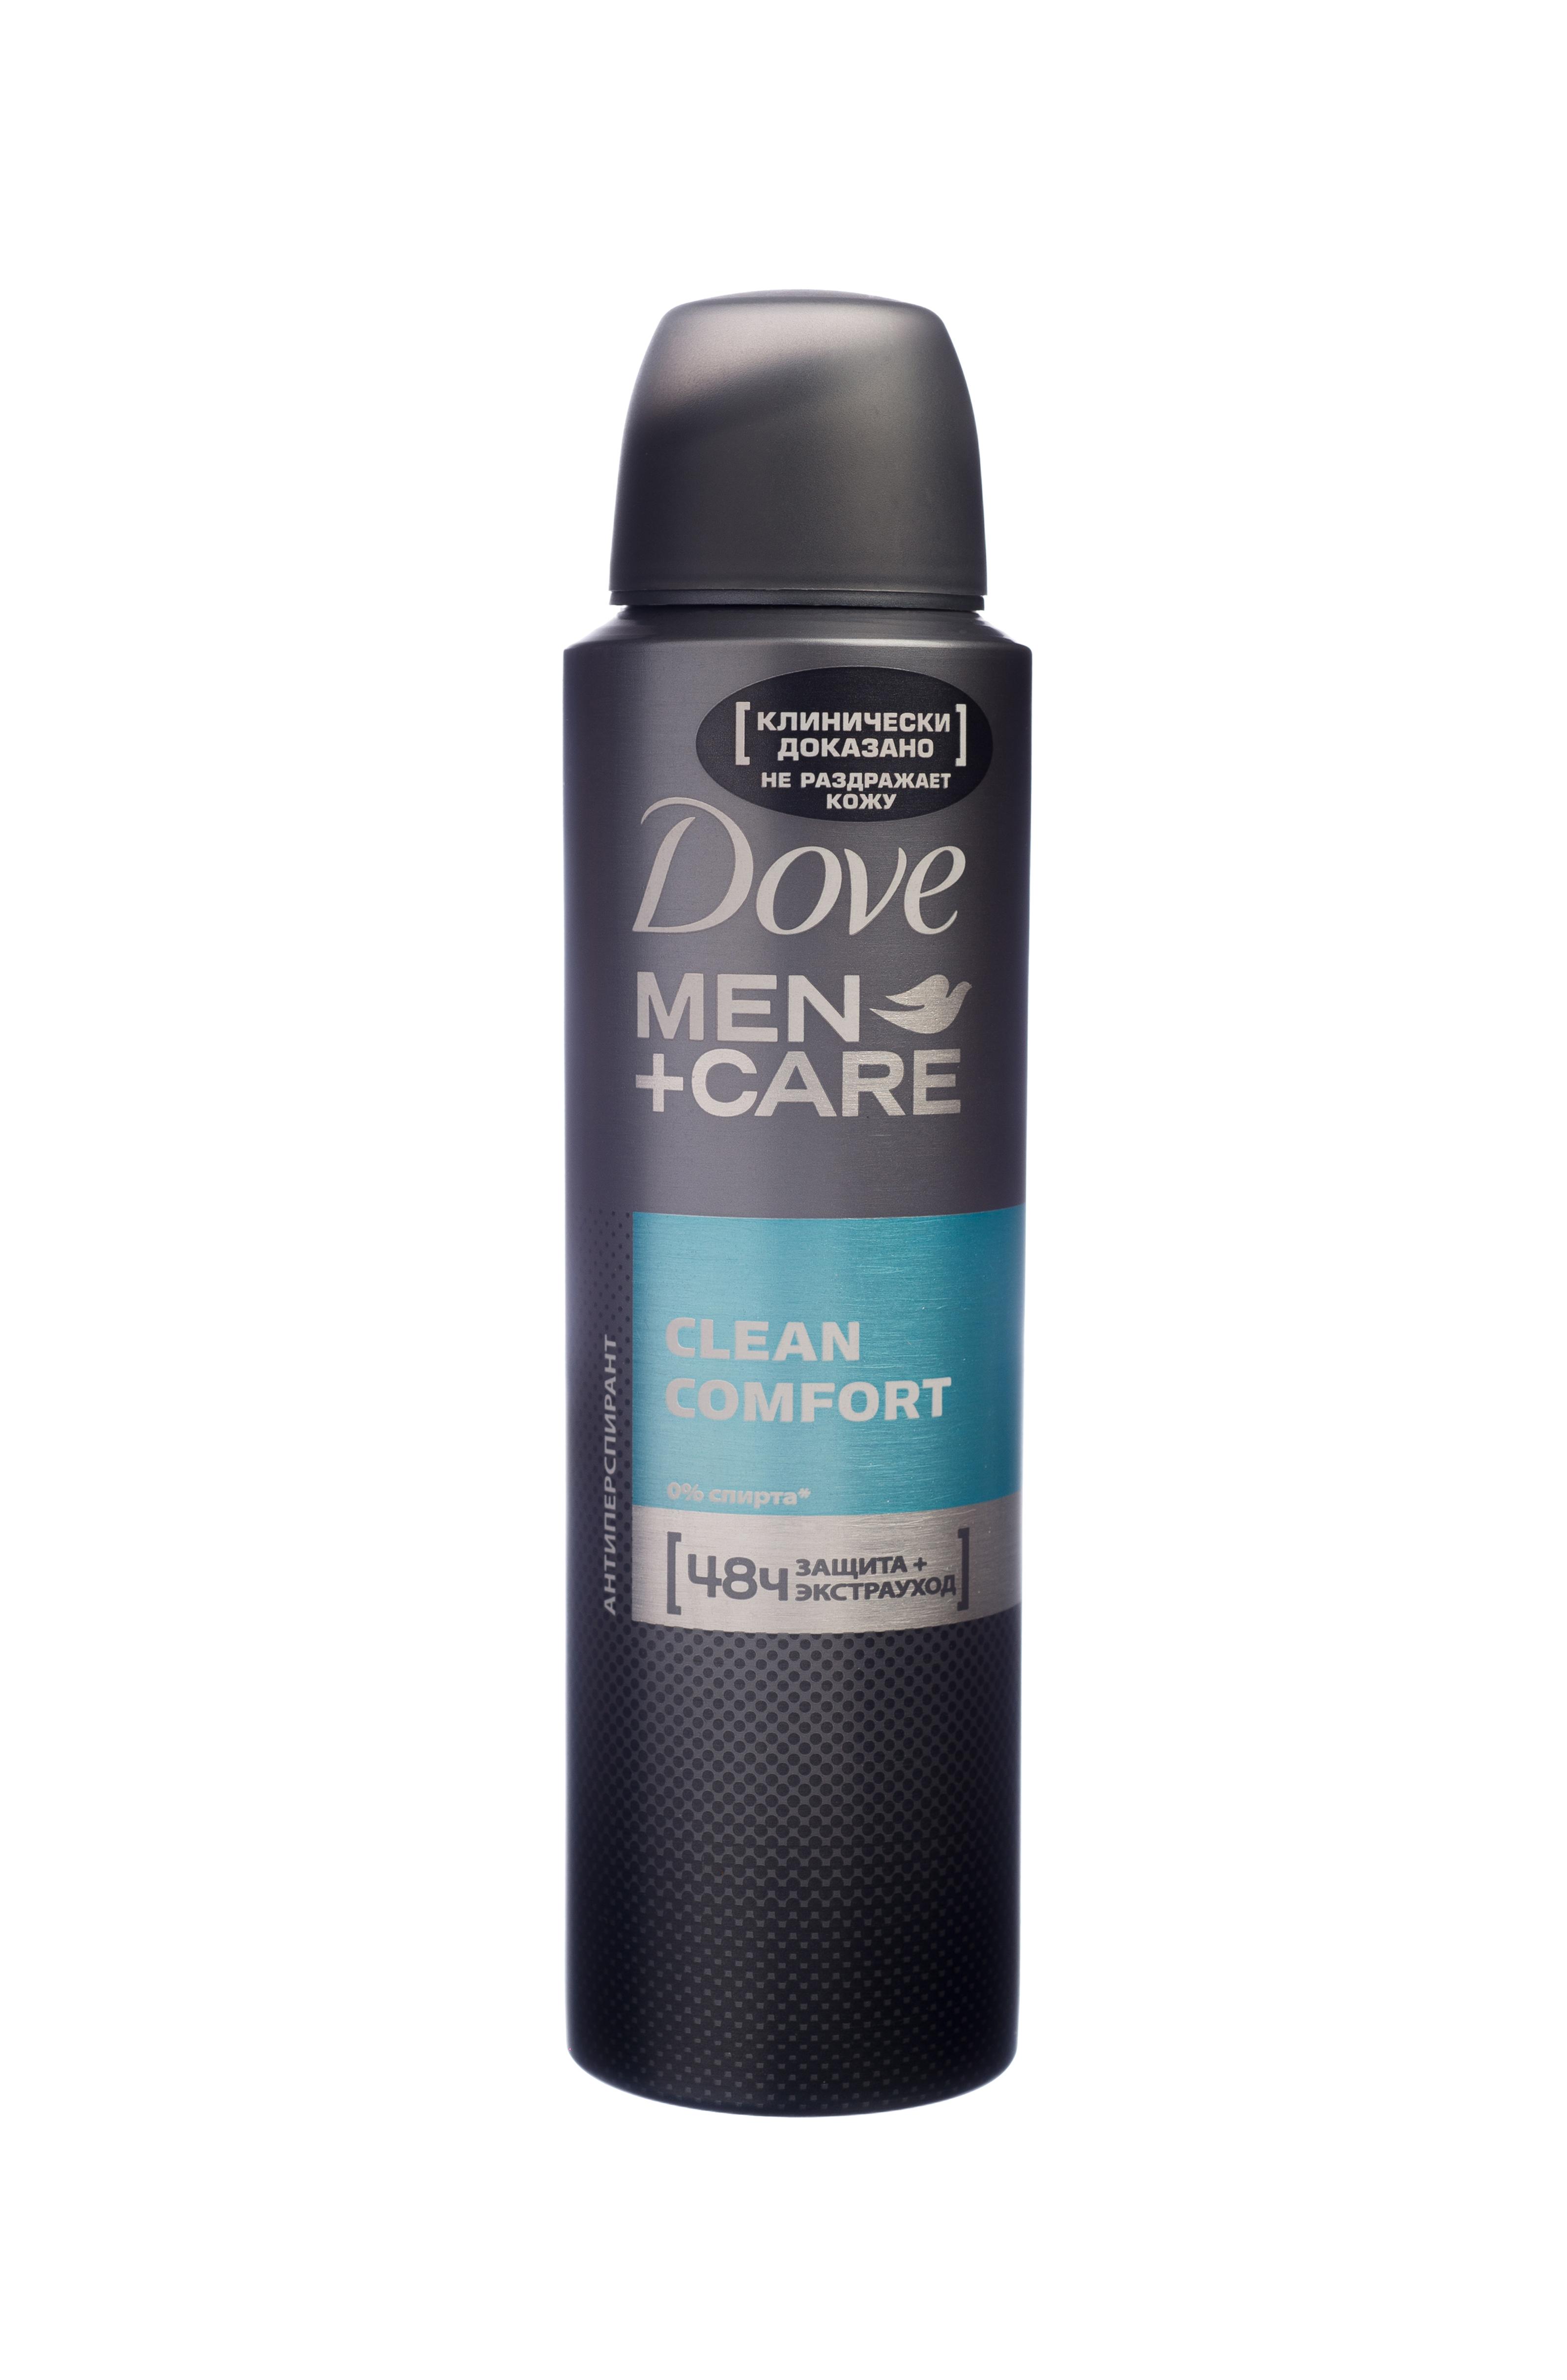 Dove Men+Care Антиперспирант аэрозоль Экстразащита и уход 150 мл21132346Антиперспирант, разработанный специально для мужчин, беспощаден к поту, но не к коже. Инновационная формула антиперспиранта для эффективной защиты от пота и запаха помогает ухаживать за мужской кожей 48 часов с момента нанесения.